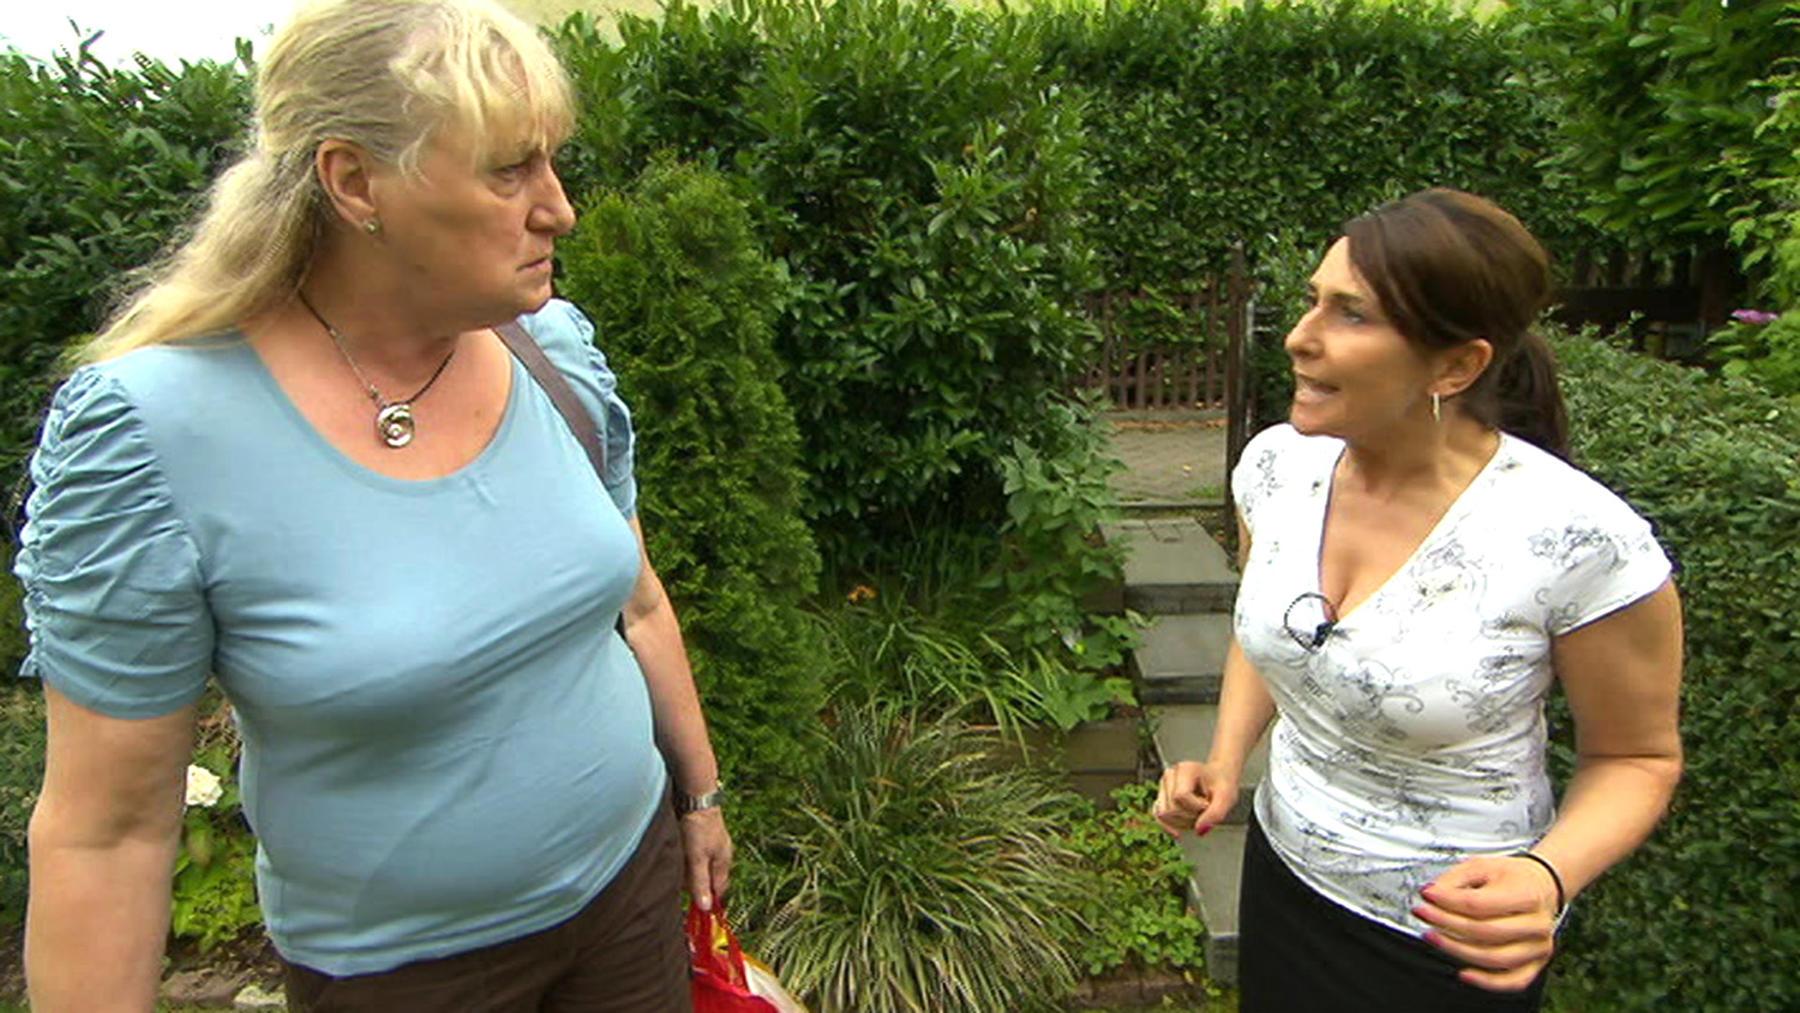 Hilfsbereite Nachbarin überschreitet ihre Grenzen